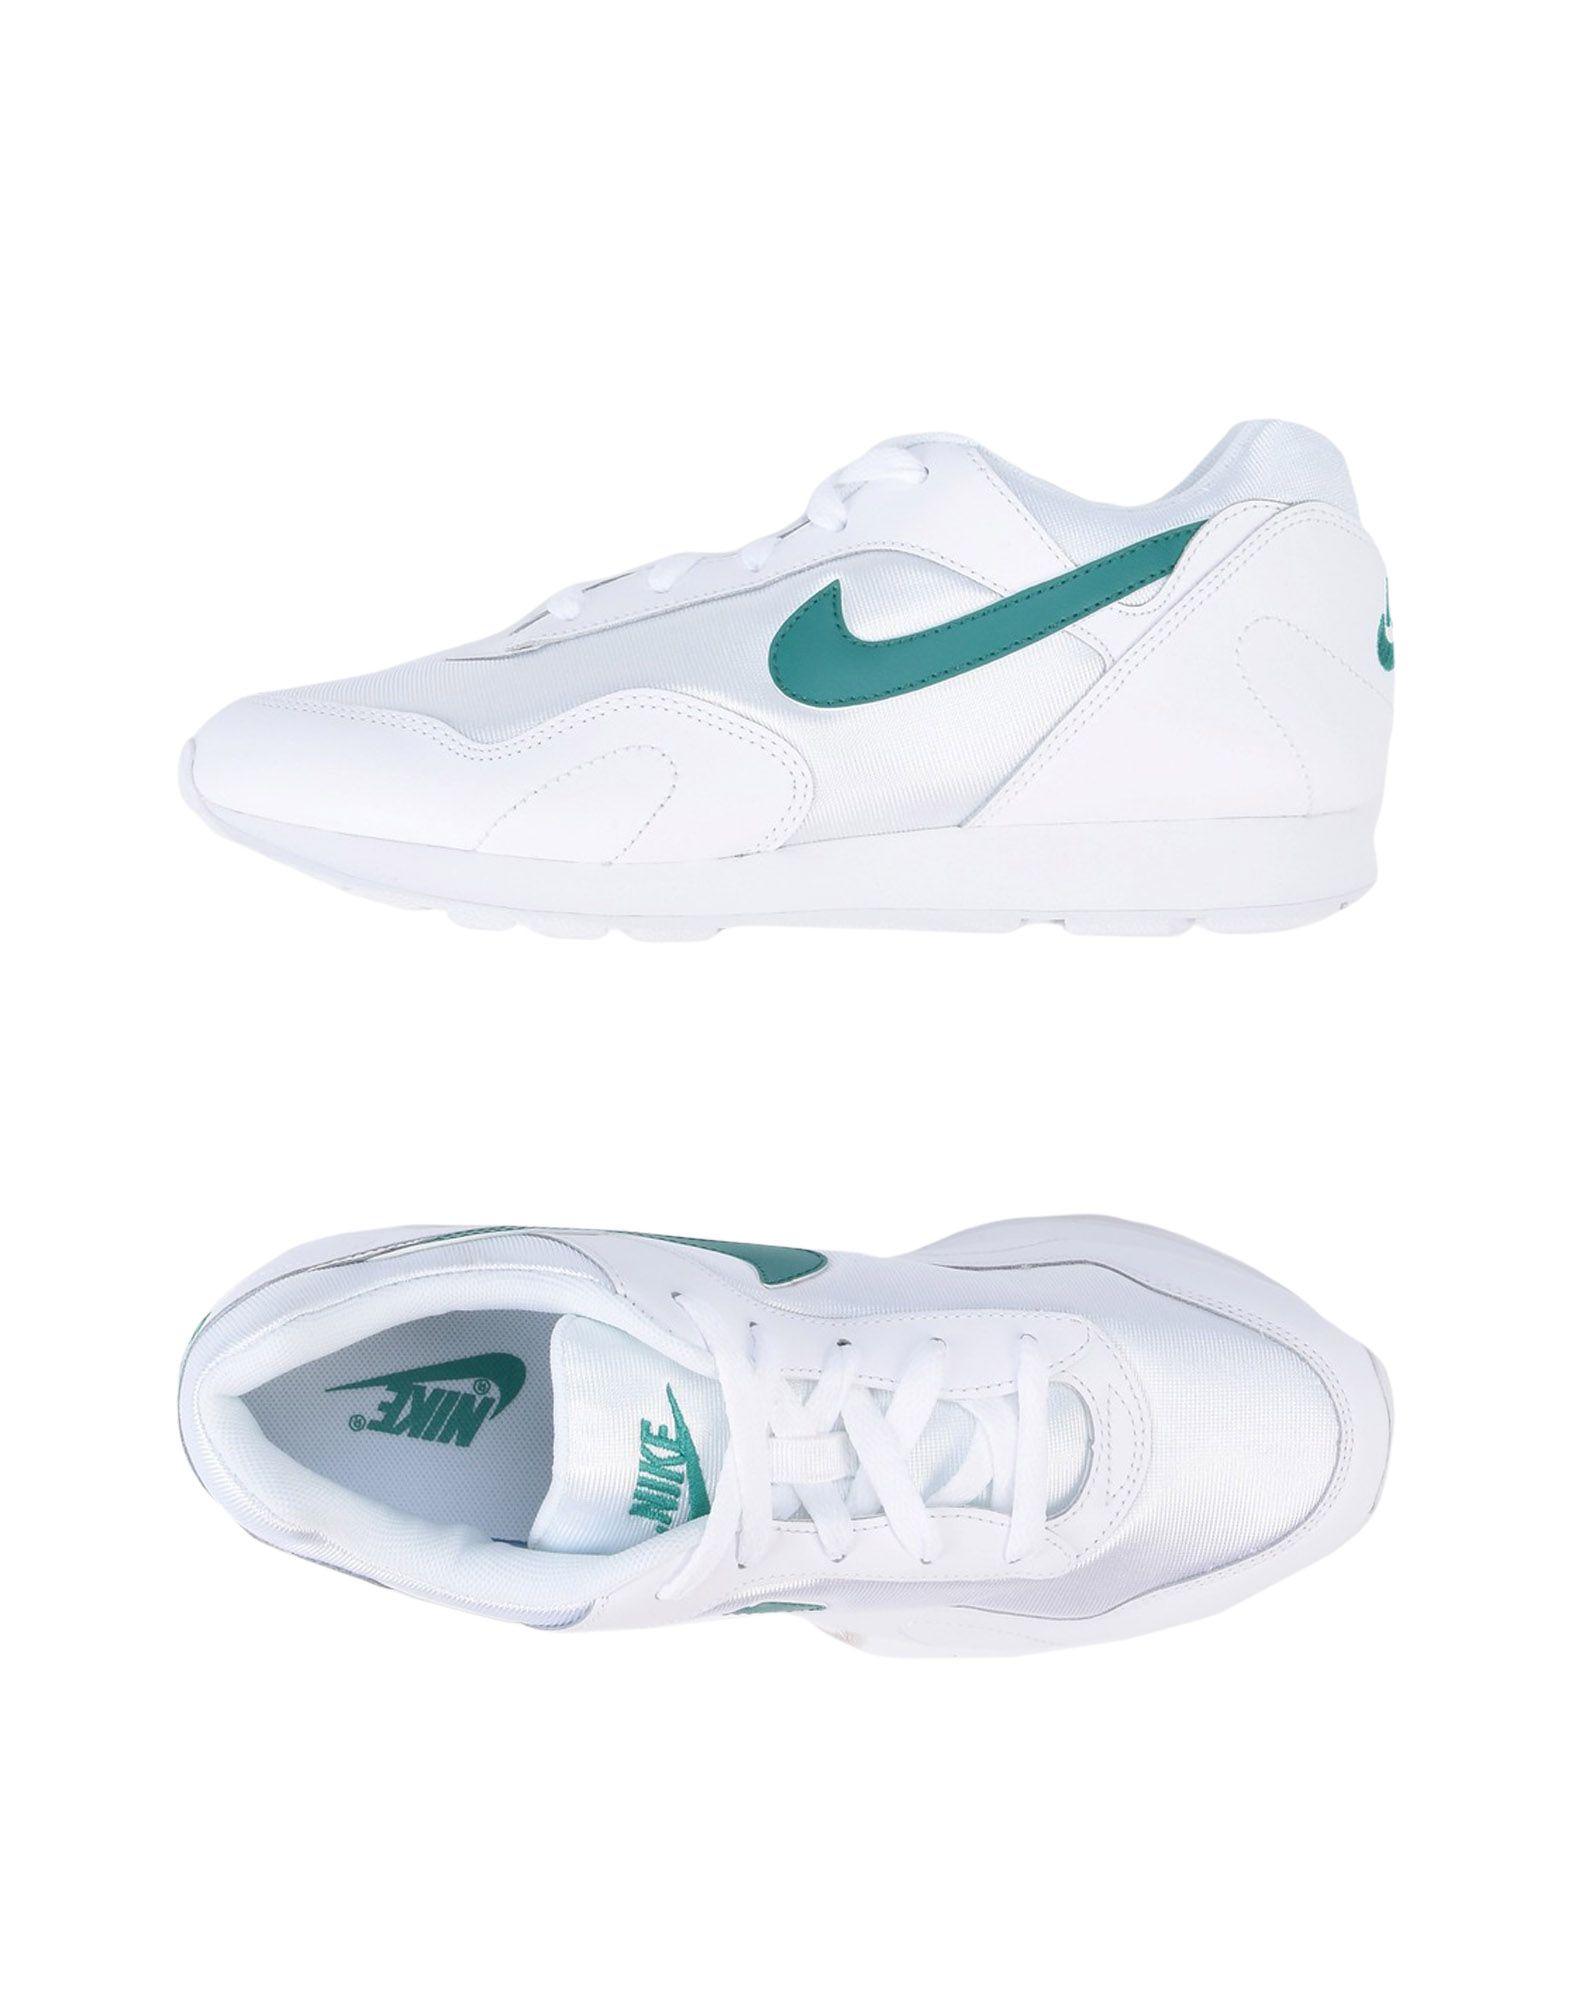 Nike Outburst Gutes Preis-Leistungs-Verhältnis, es lohnt lohnt lohnt sich cbb882